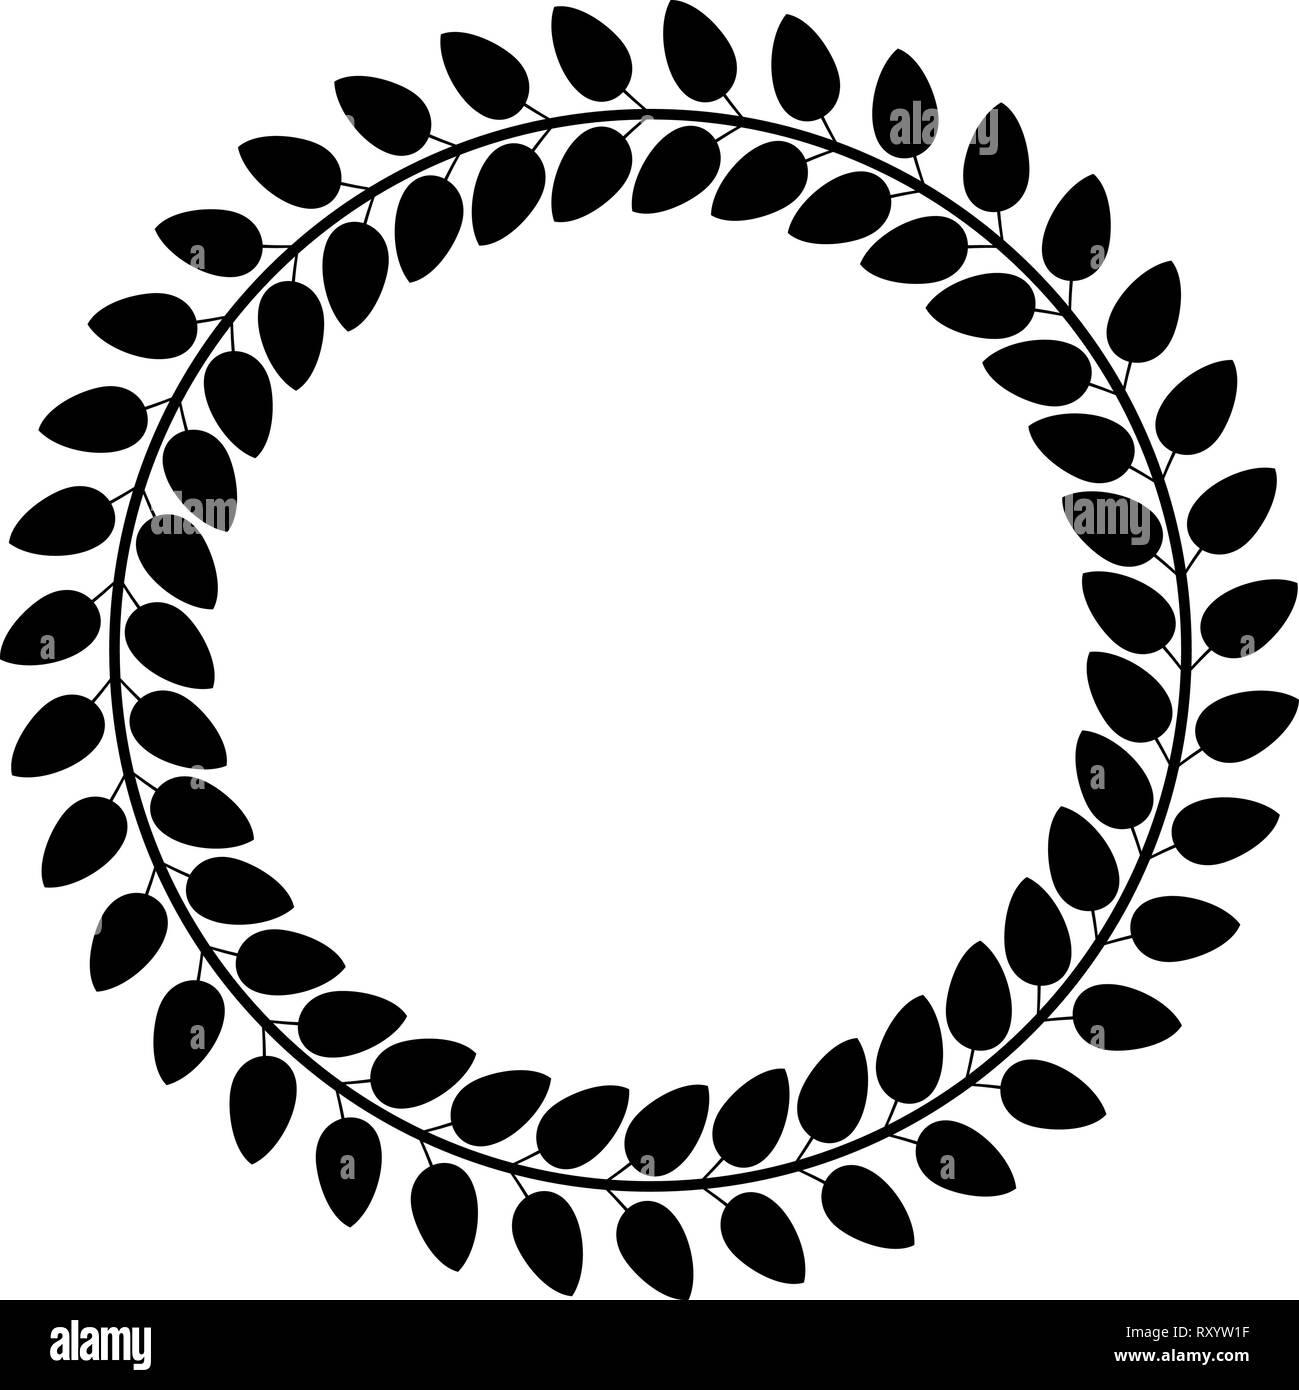 Circle Diagram 4